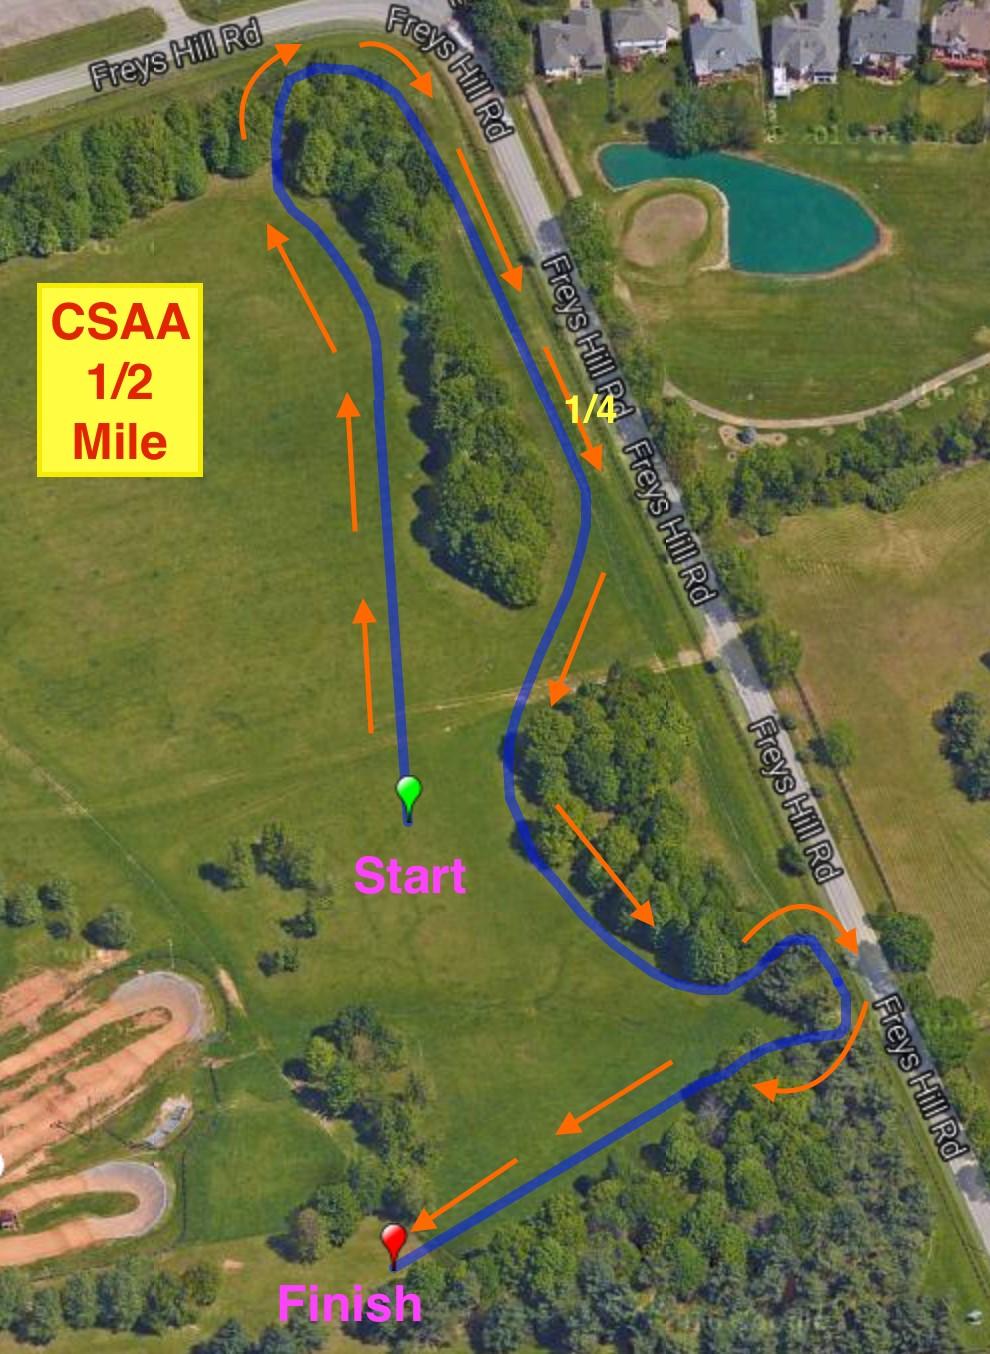 csaa-half-mile-2016